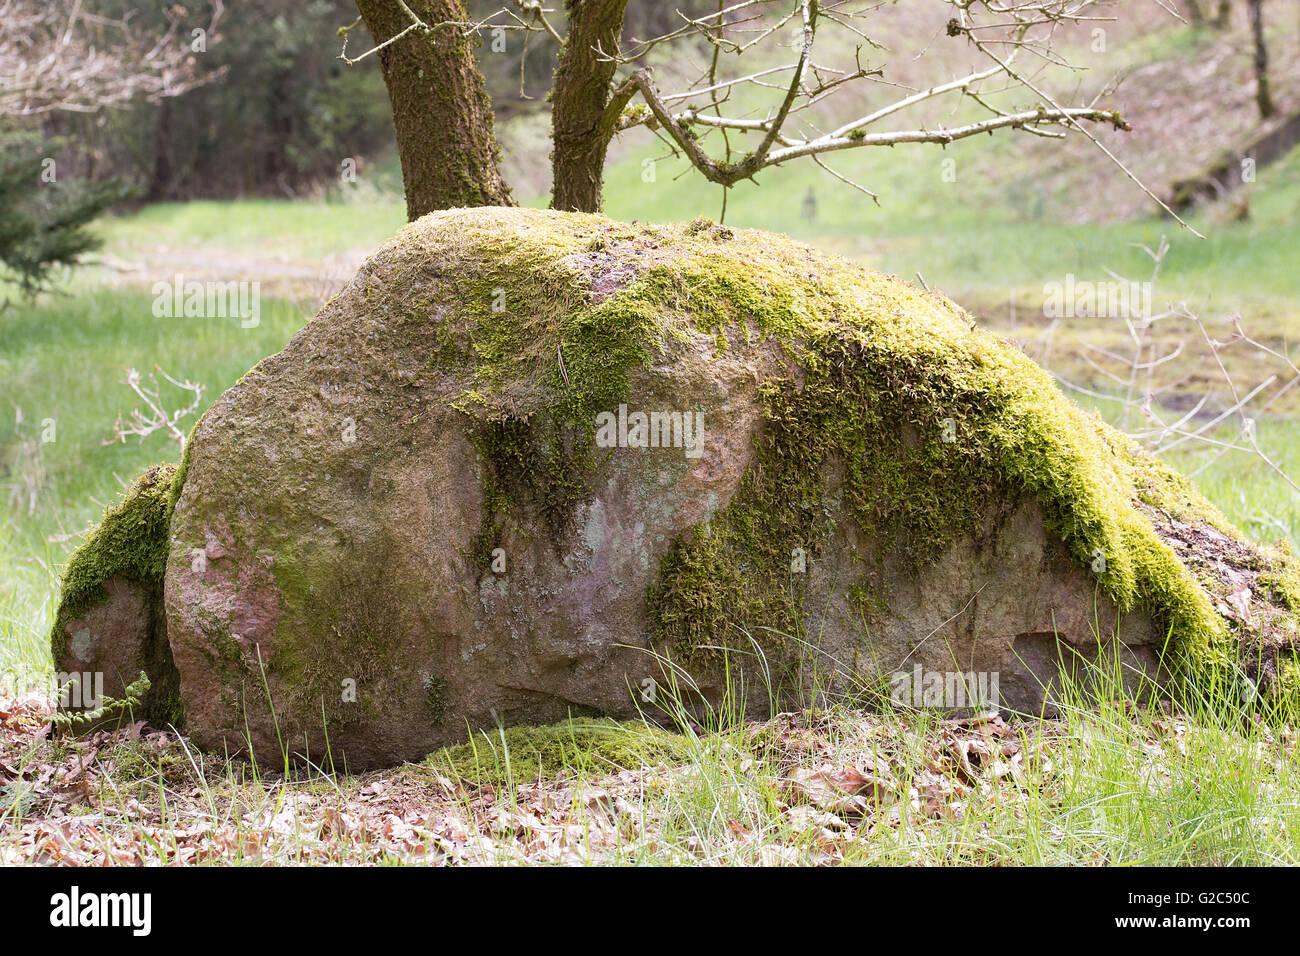 Großer Stein mit Moos bewachsen an einem Waldrand  Big stone overgrown with moss on a forest edge - Stock Image